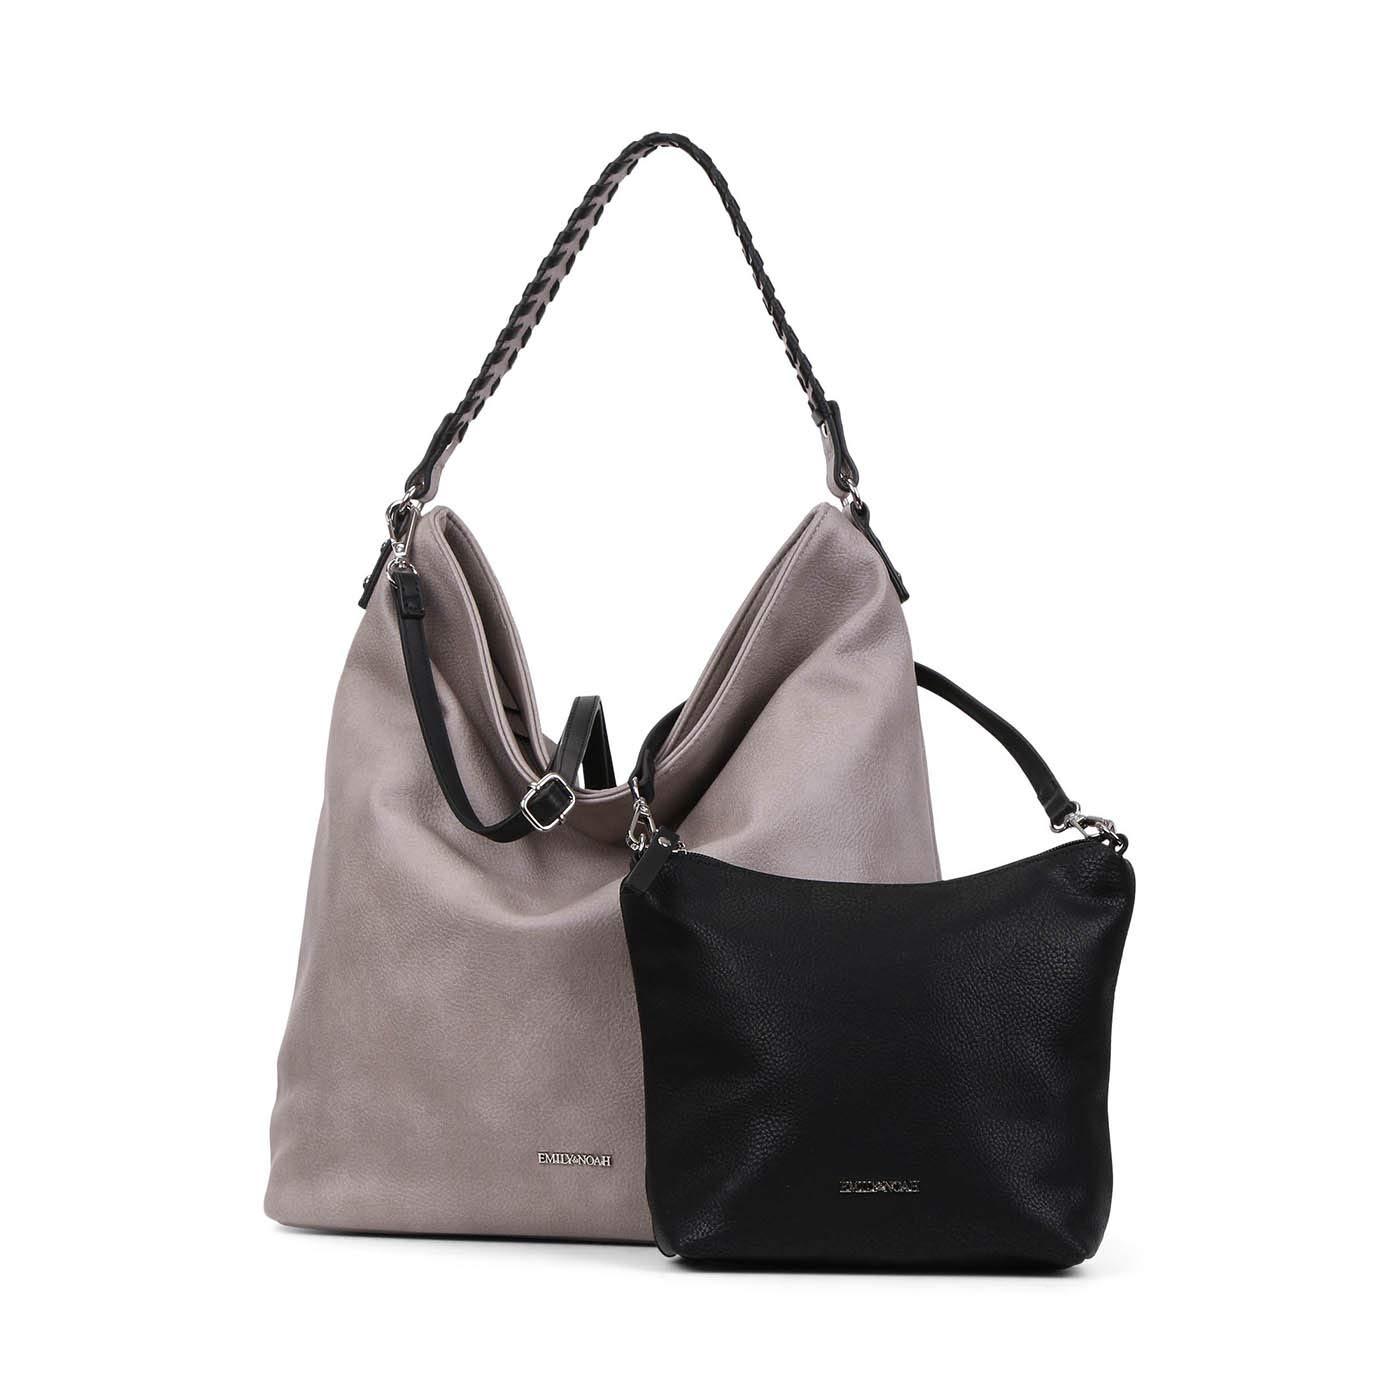 Maestro Handtaschen Taschen 61550 310 Beige 0k7xy